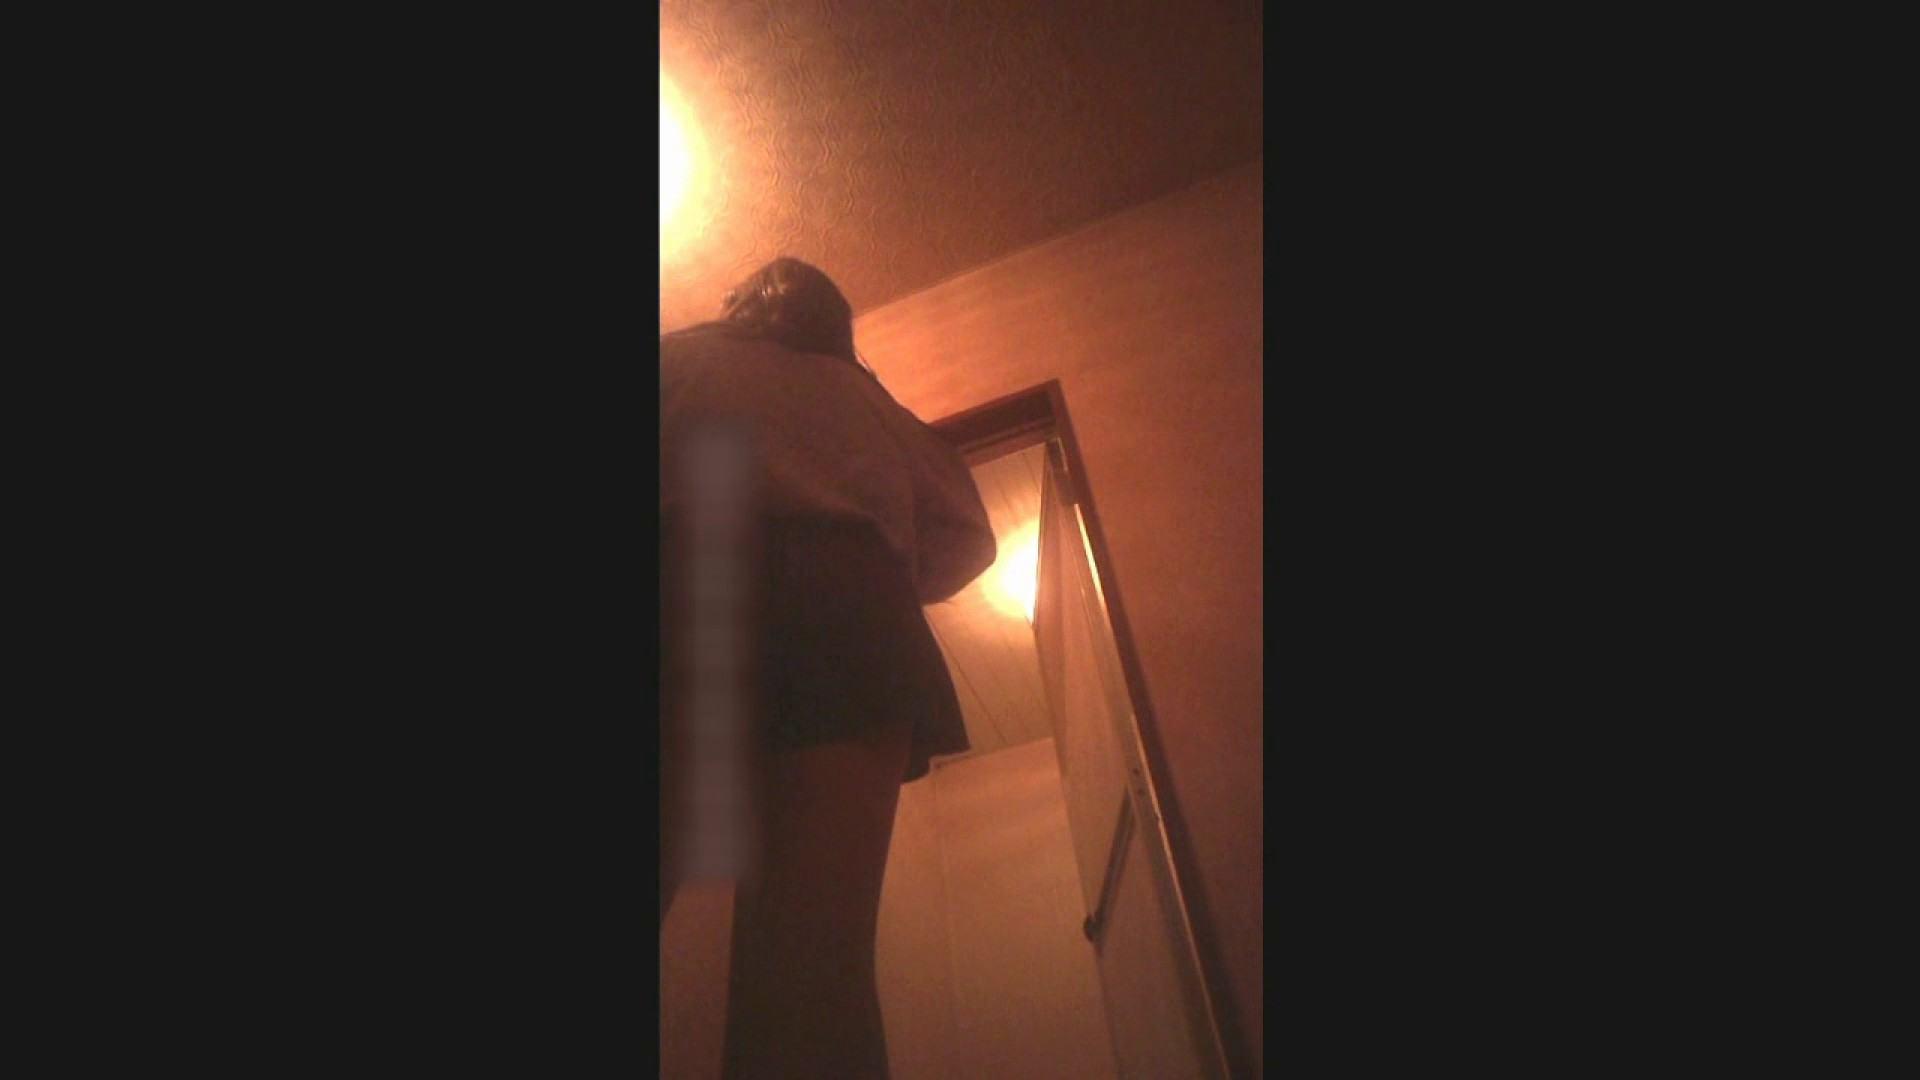 短大2年生 ゆみかちゃん  Vol.06 脱衣編 シャワー室 ヌード画像 77枚 9